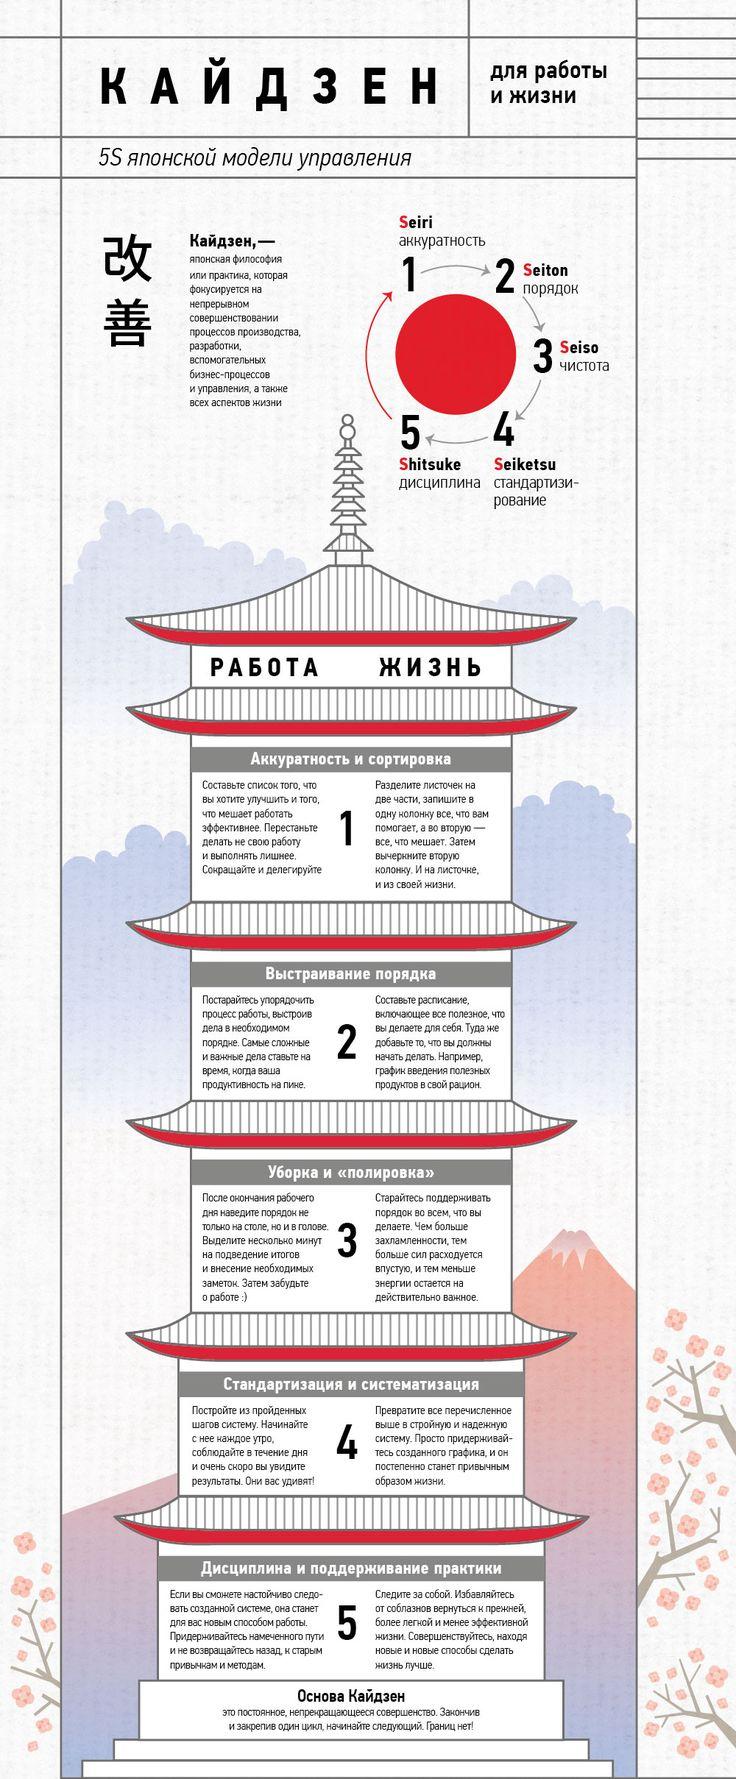 Кайдзен, - японская философия и практика которая фокусируется на непрерывном совершенствовании принципов производства, разработки вспомогательных бизнес-процессов и управлении, а также всех аспектов жизни.